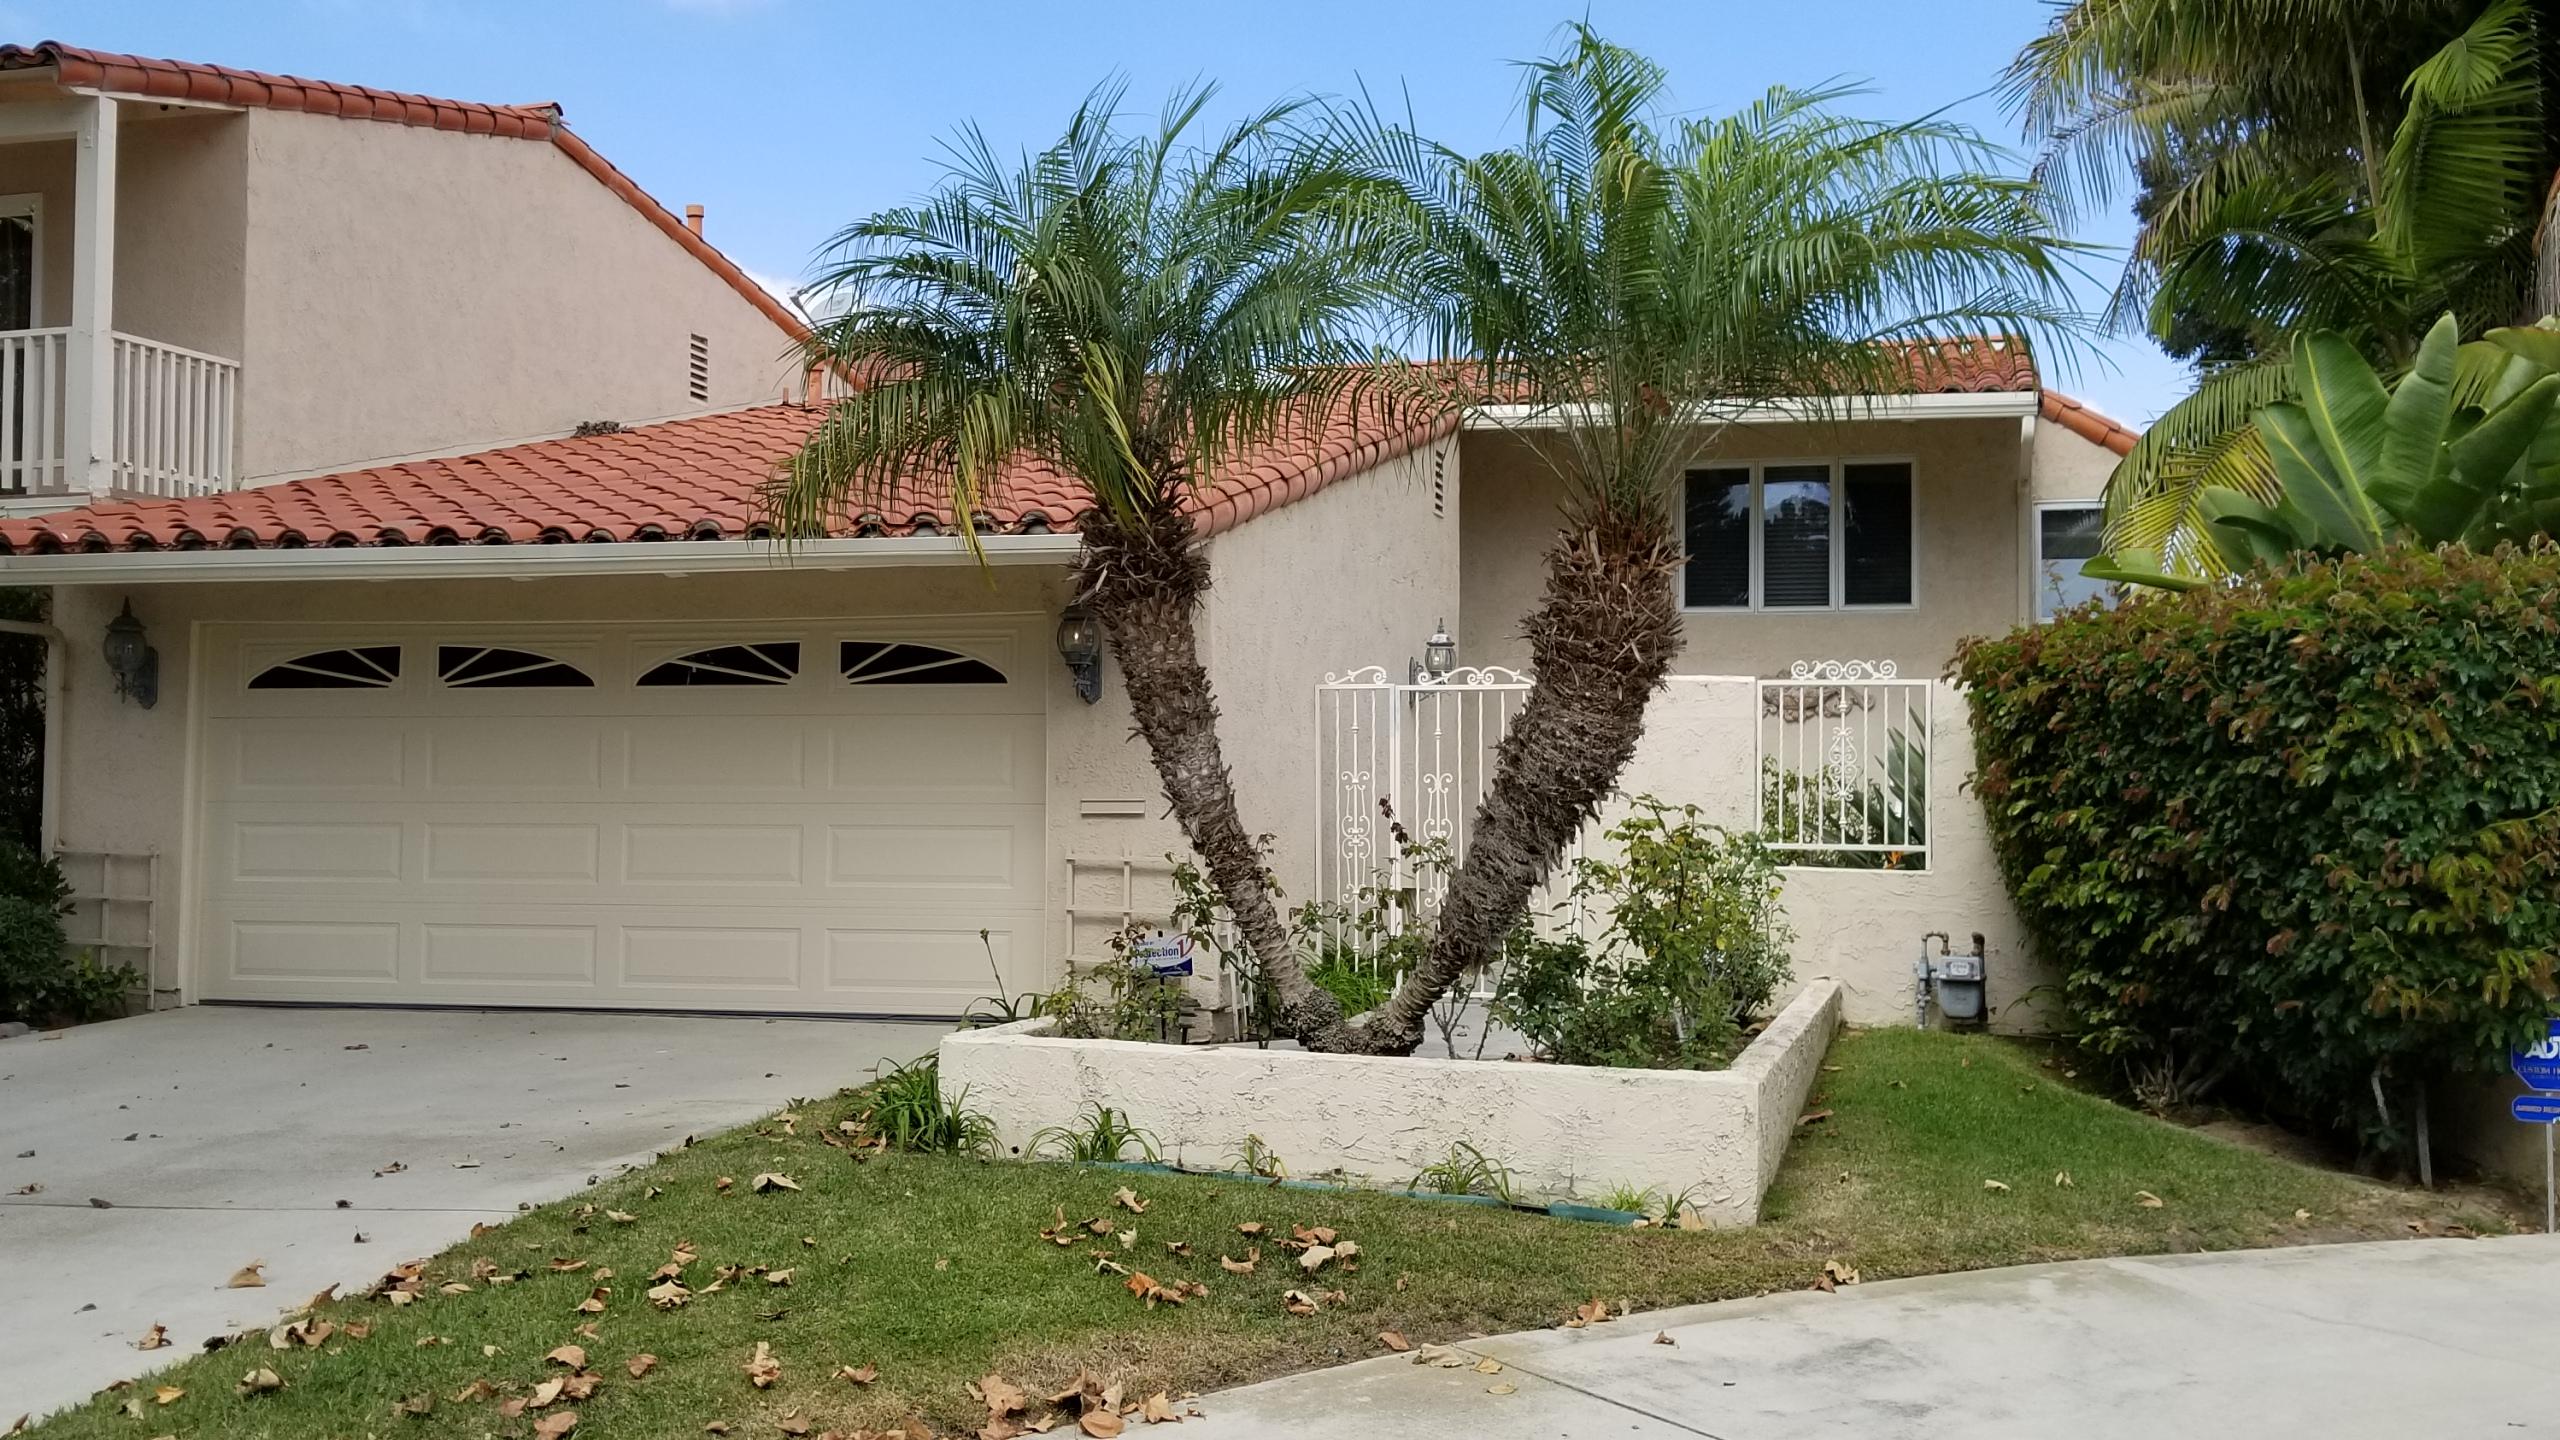 Newport Beach Real Estate News